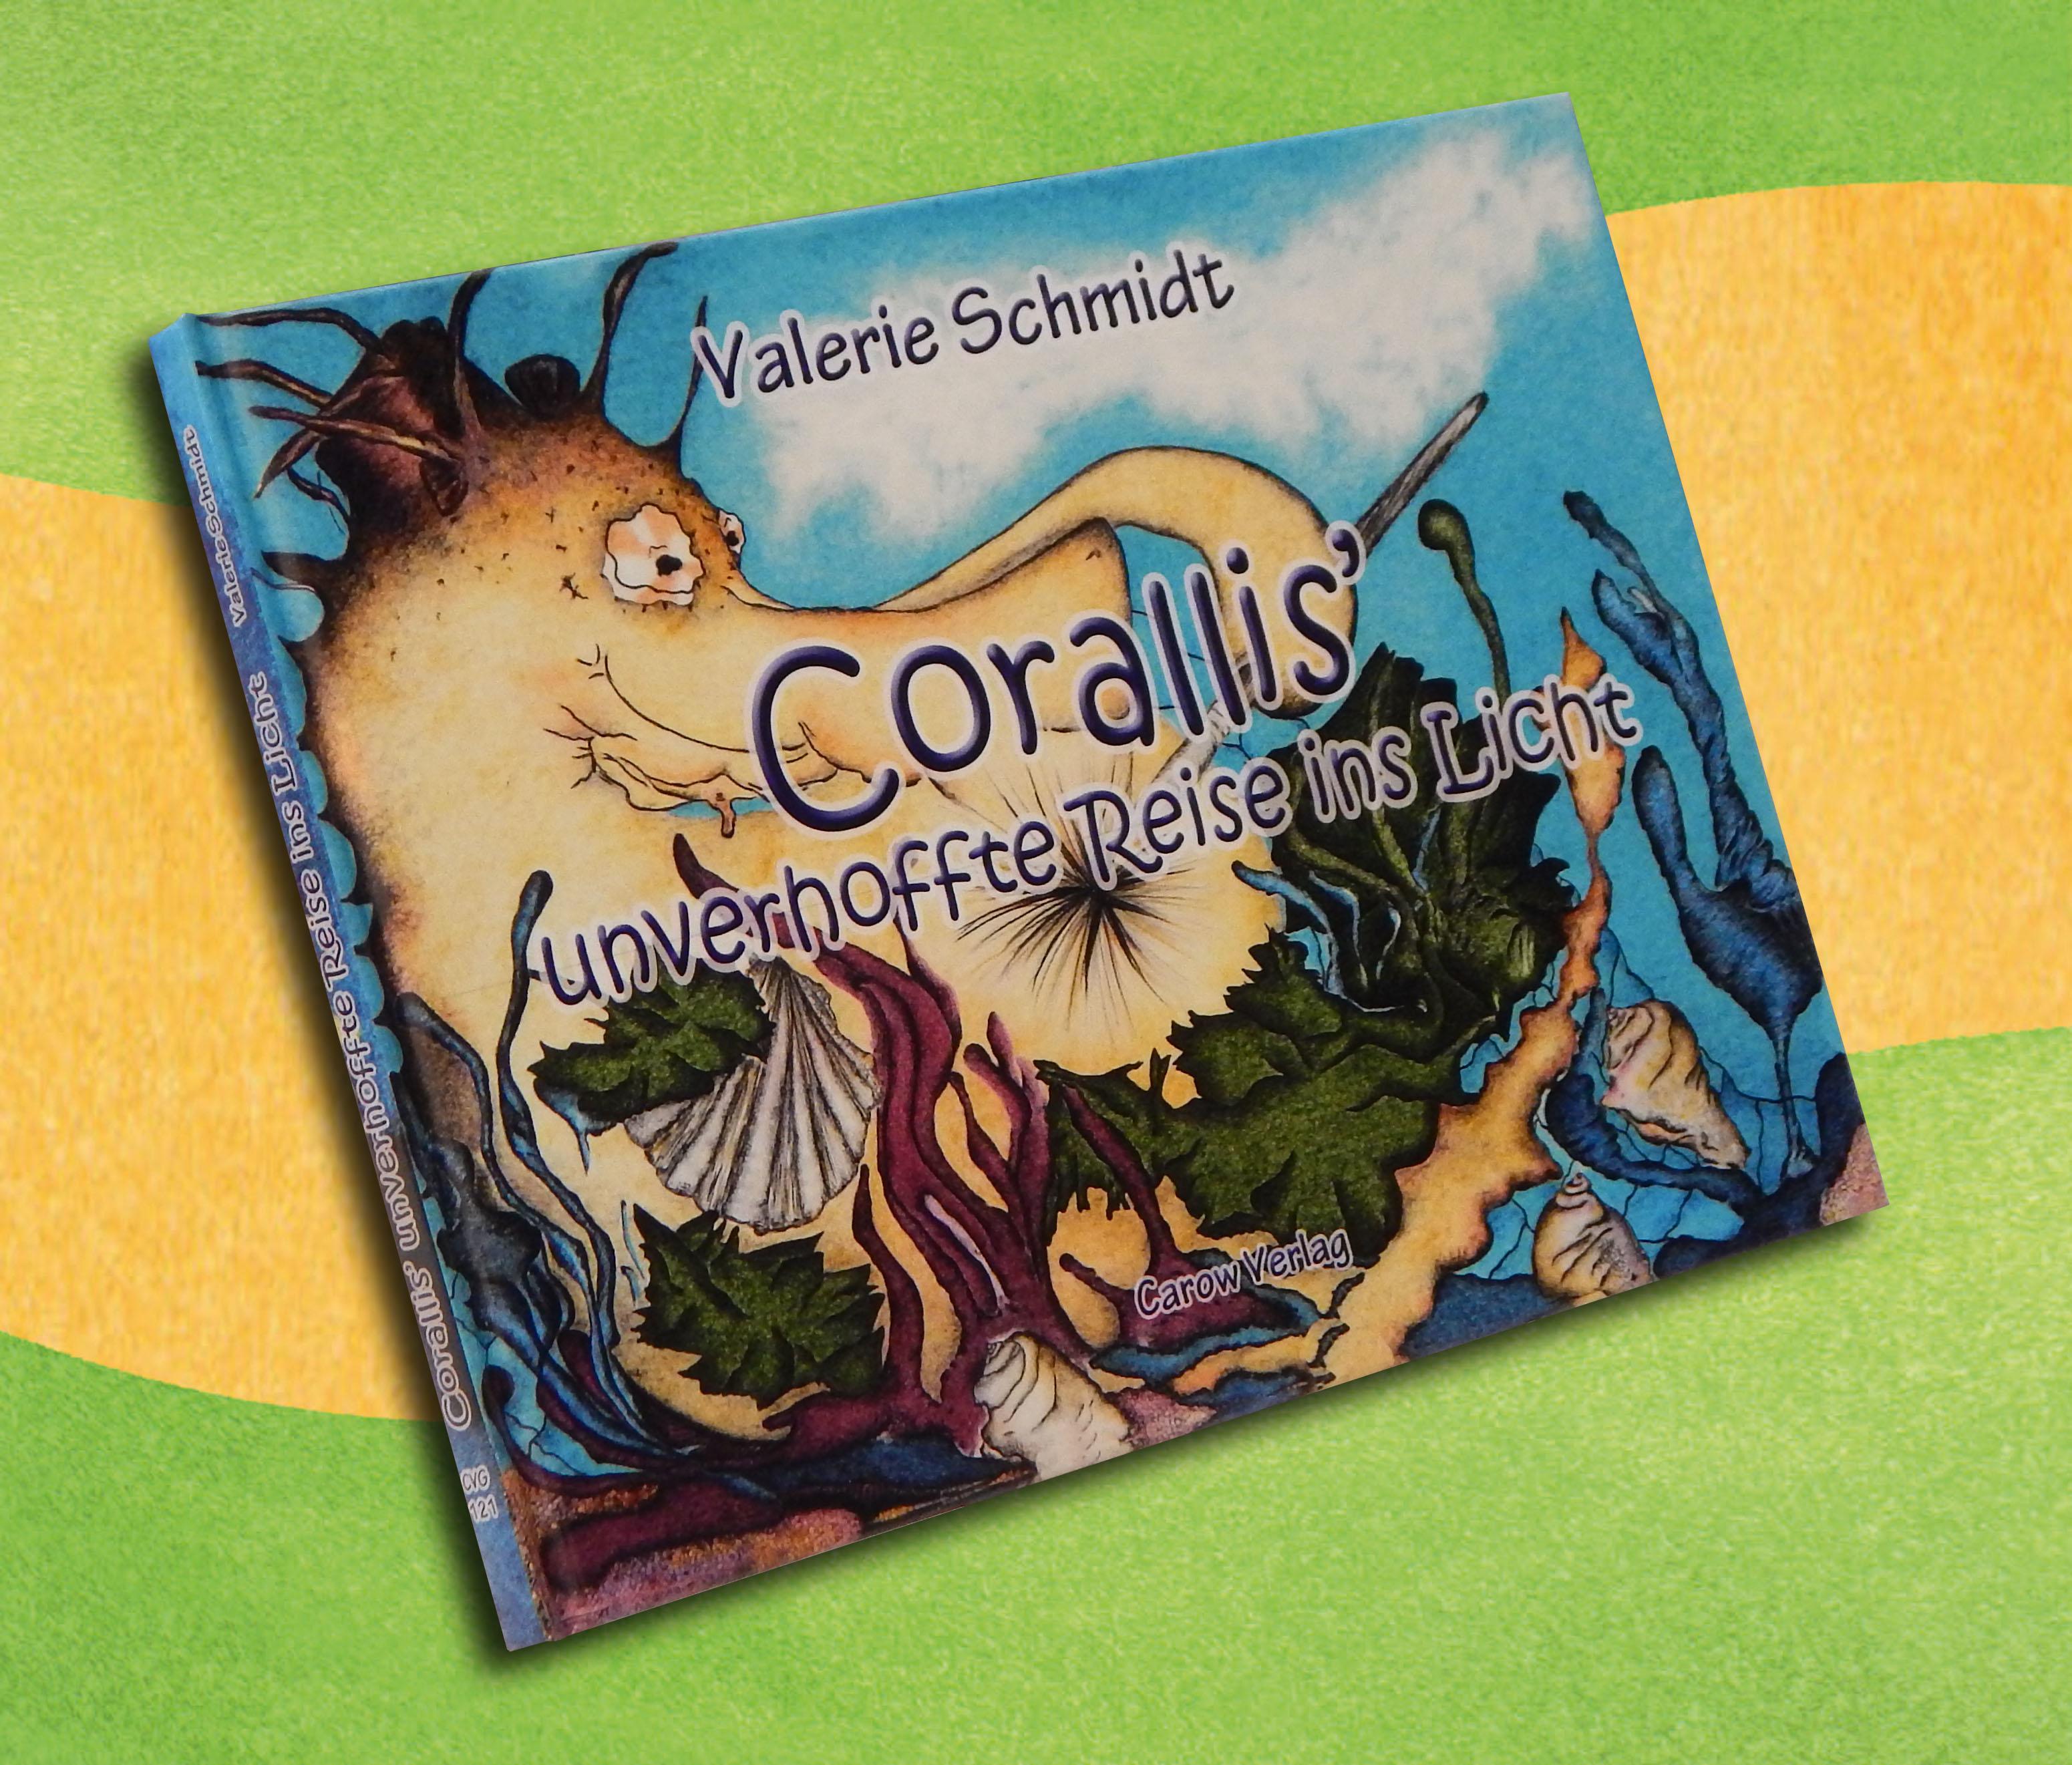 http://carow-verlag.de/news/images/Buch-Corallis.jpg